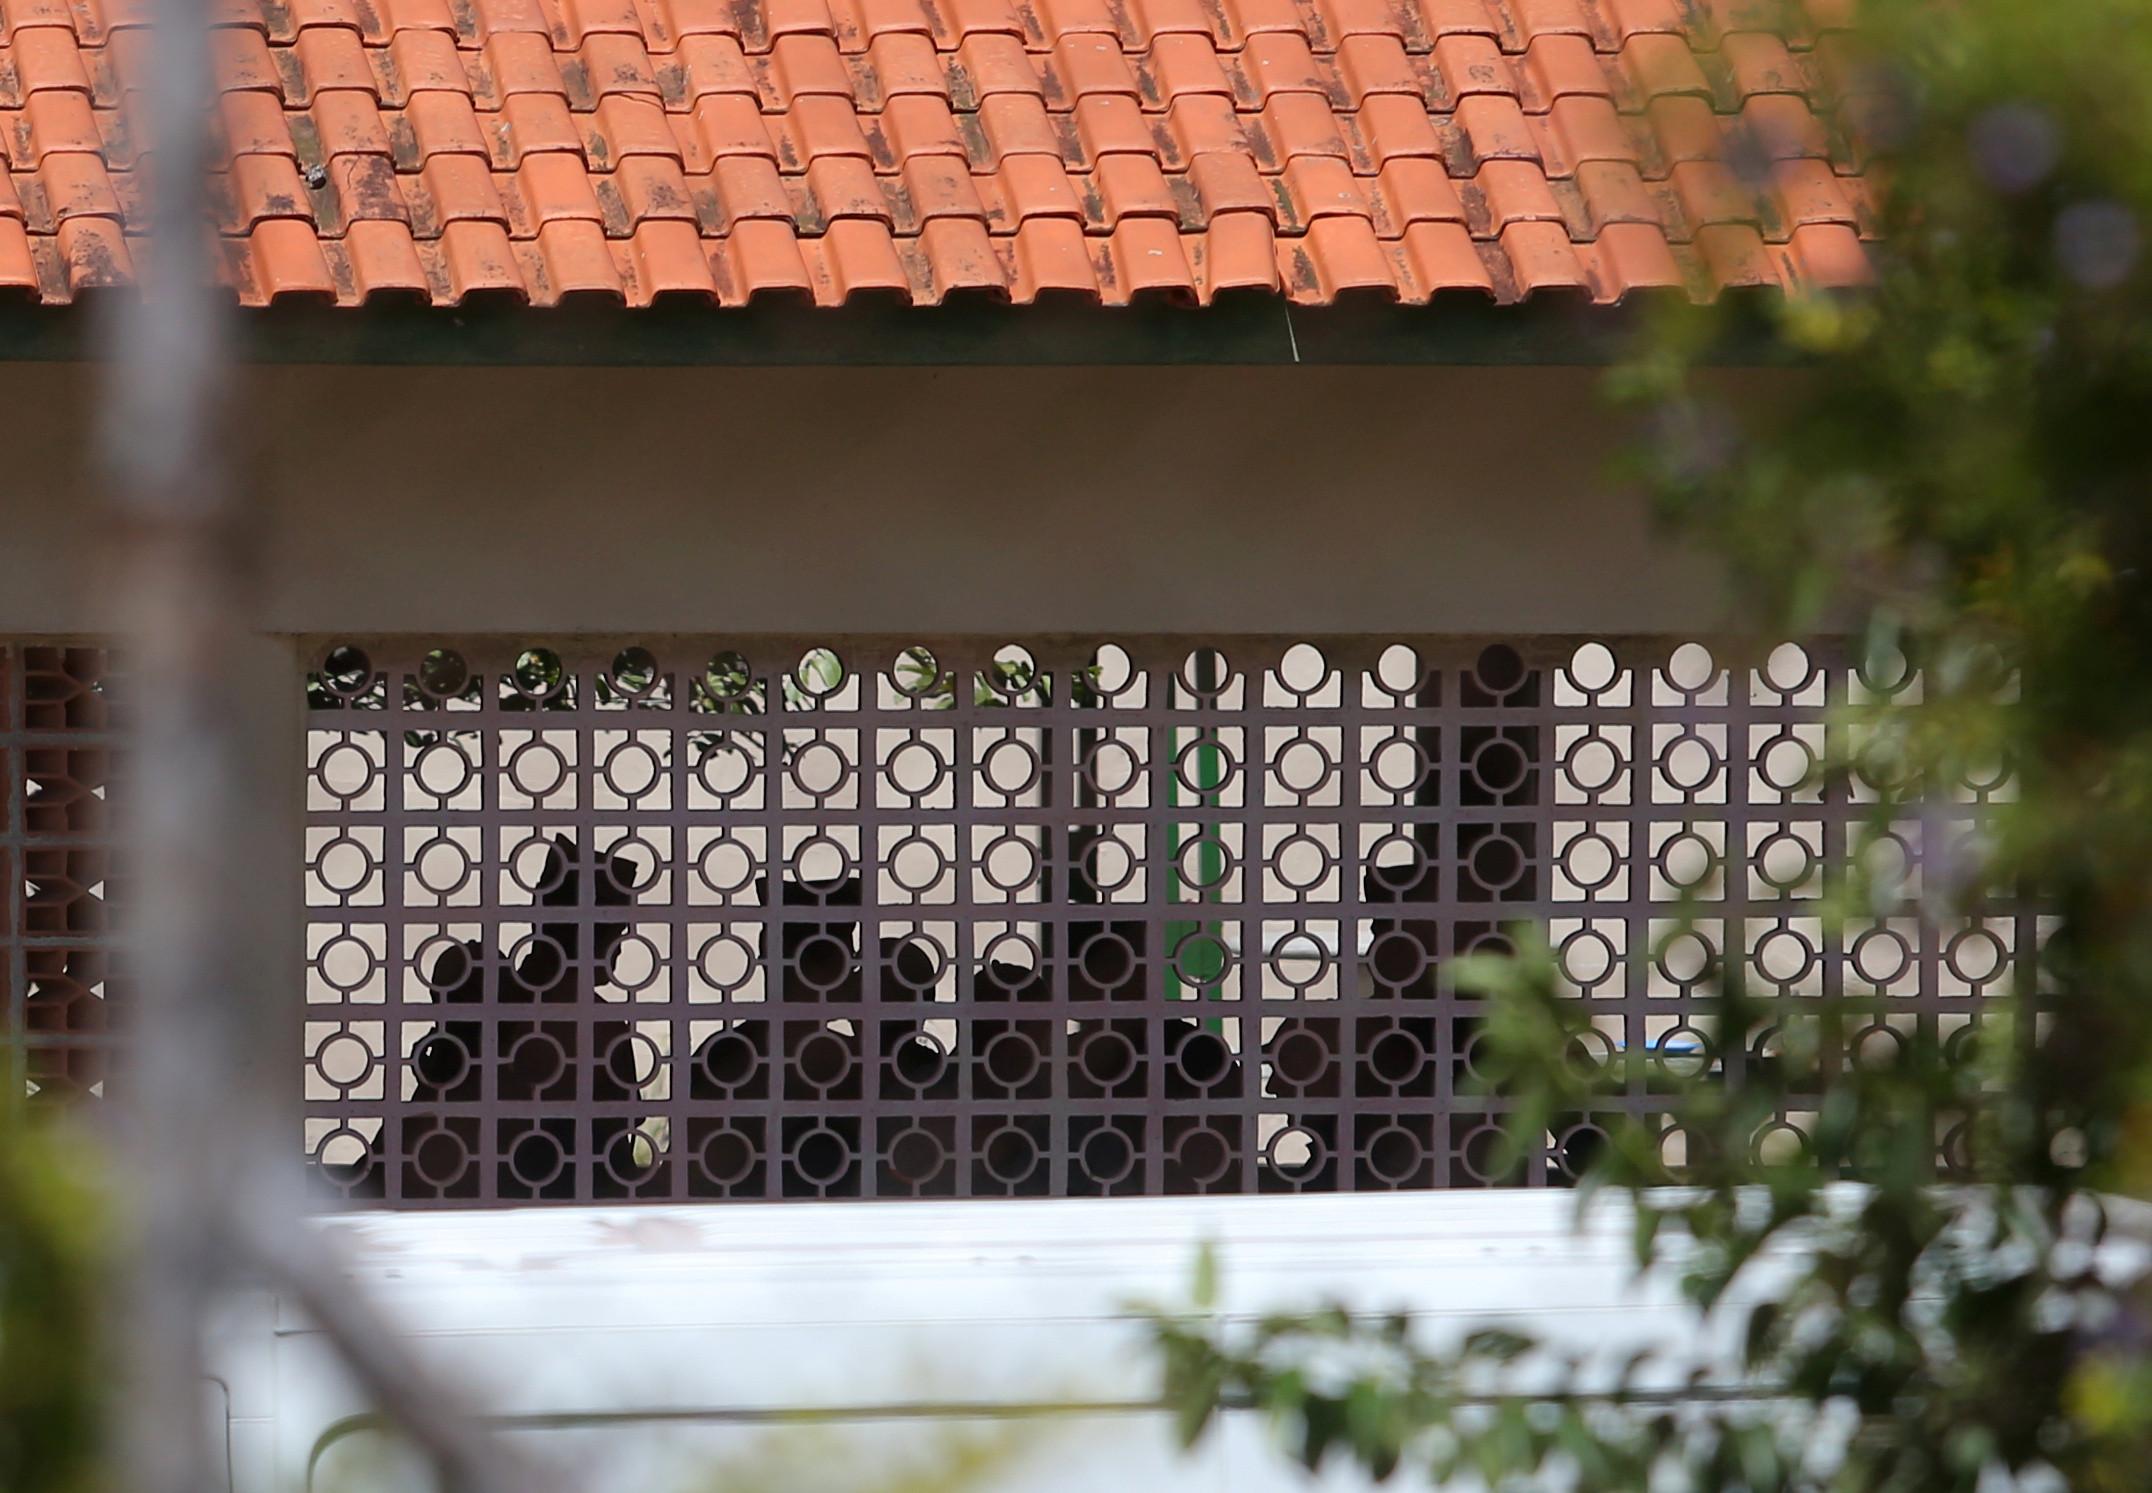 Masacre De Suzano: 'Queriam Matar Todo Mundo', Diz Sobrevivente De Massacre